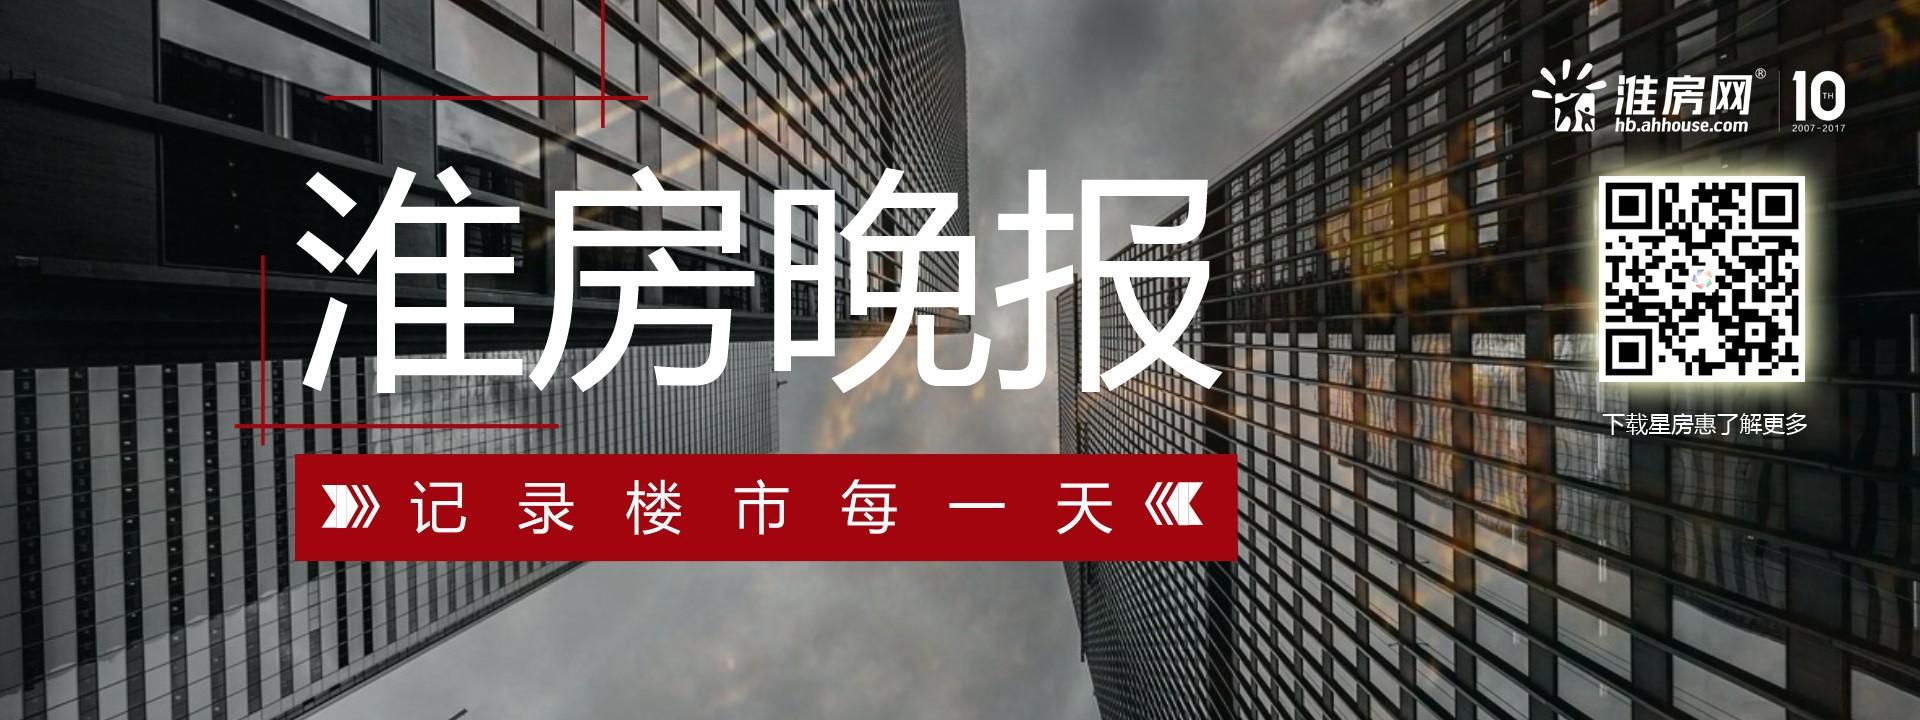 """淮房网11月21日晚报 入冬看房""""难"""" 淮北现有哪些品牌房企值得一看?"""